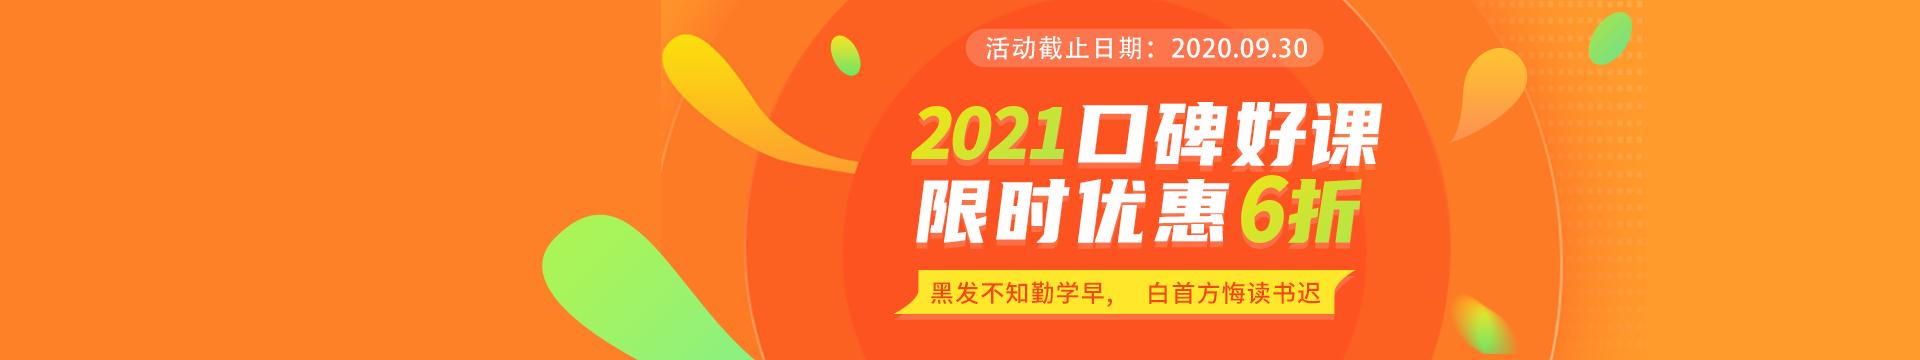 2021高效必过班半价优惠